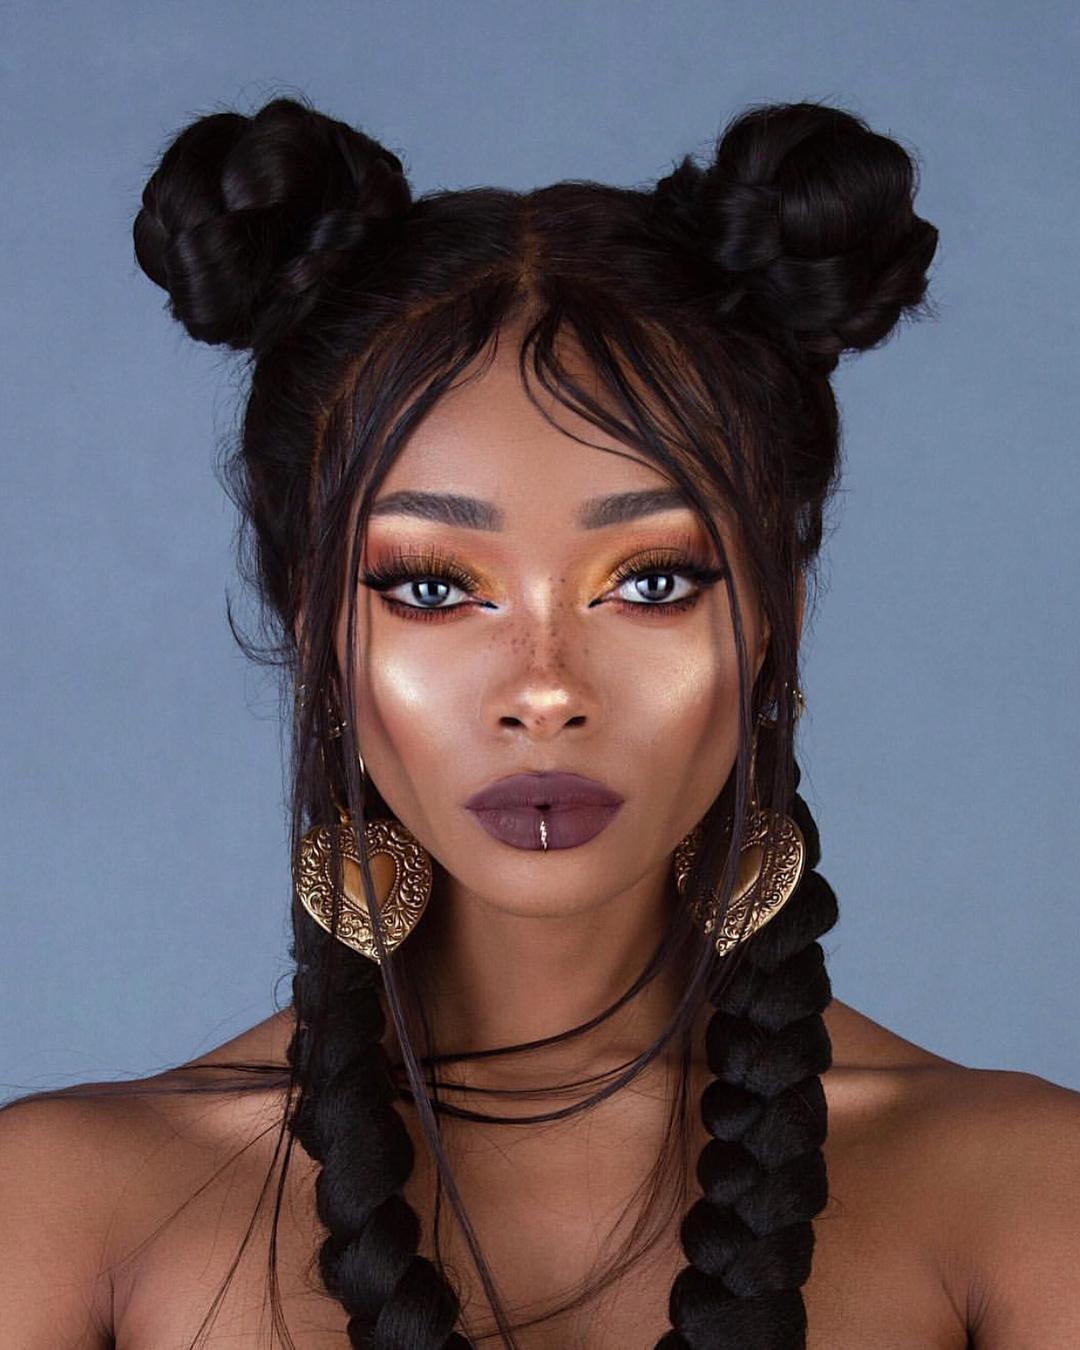 От волос этой модели сложно отвести взгляд, ведь ее образы восхищают